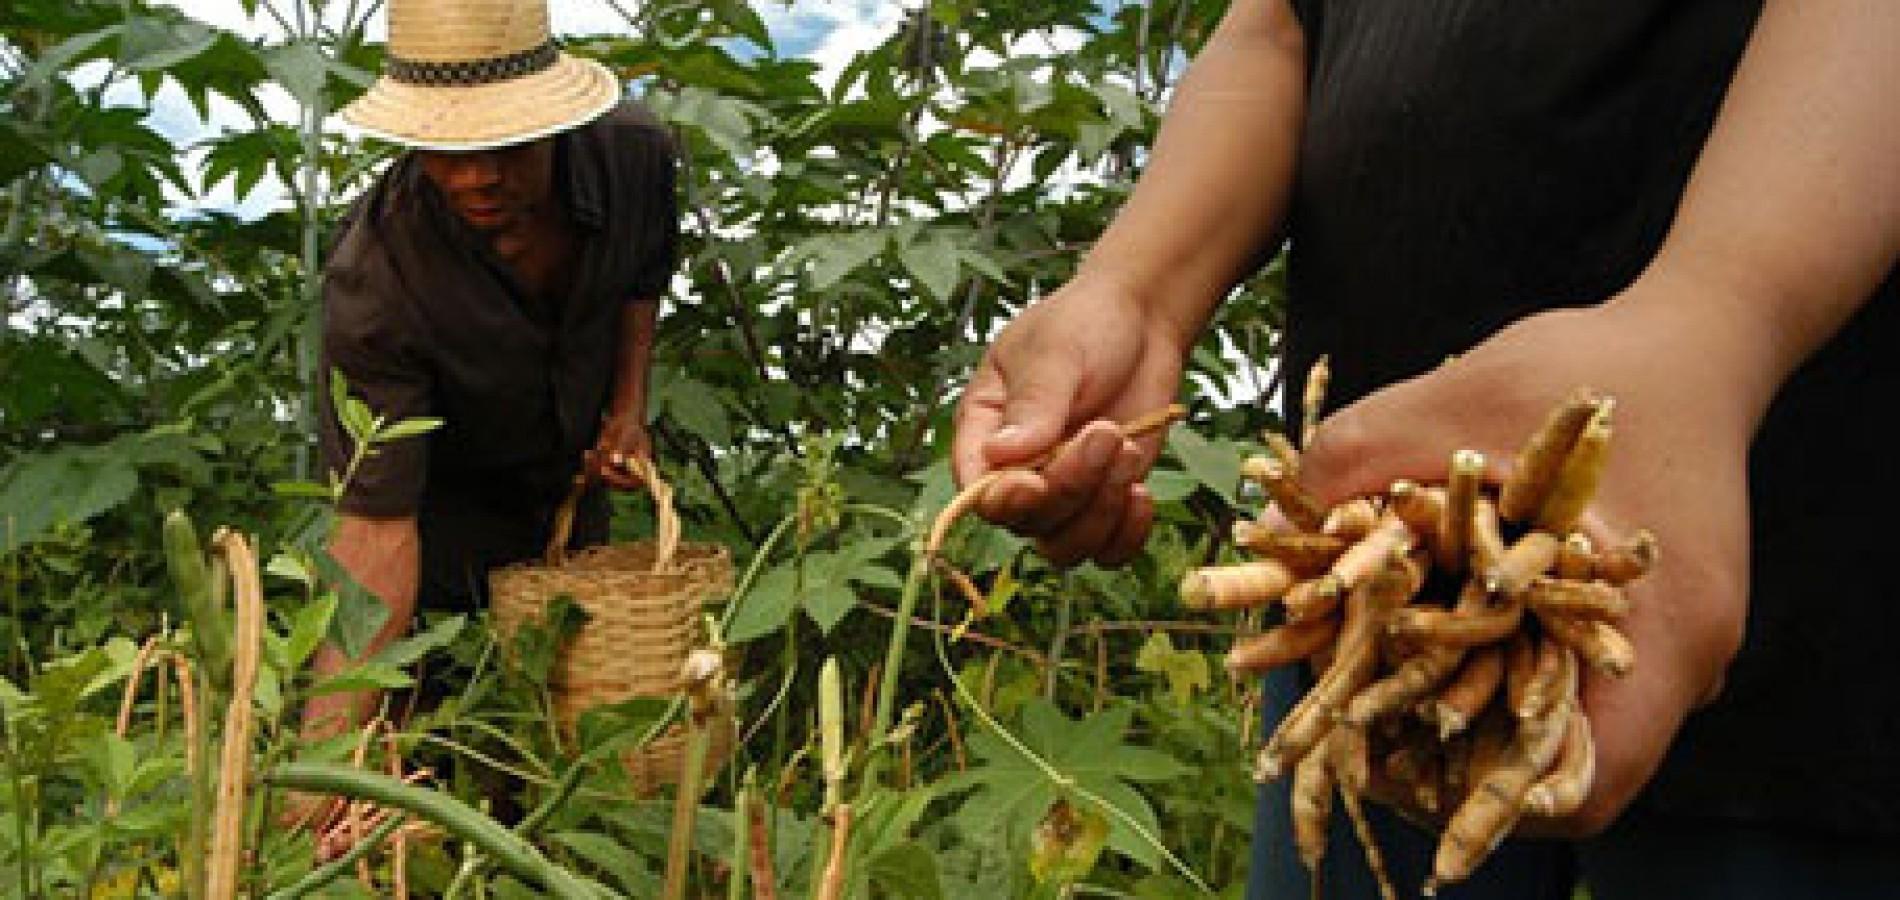 Agricultores familiares terão seguro safra prorrogado por dois meses